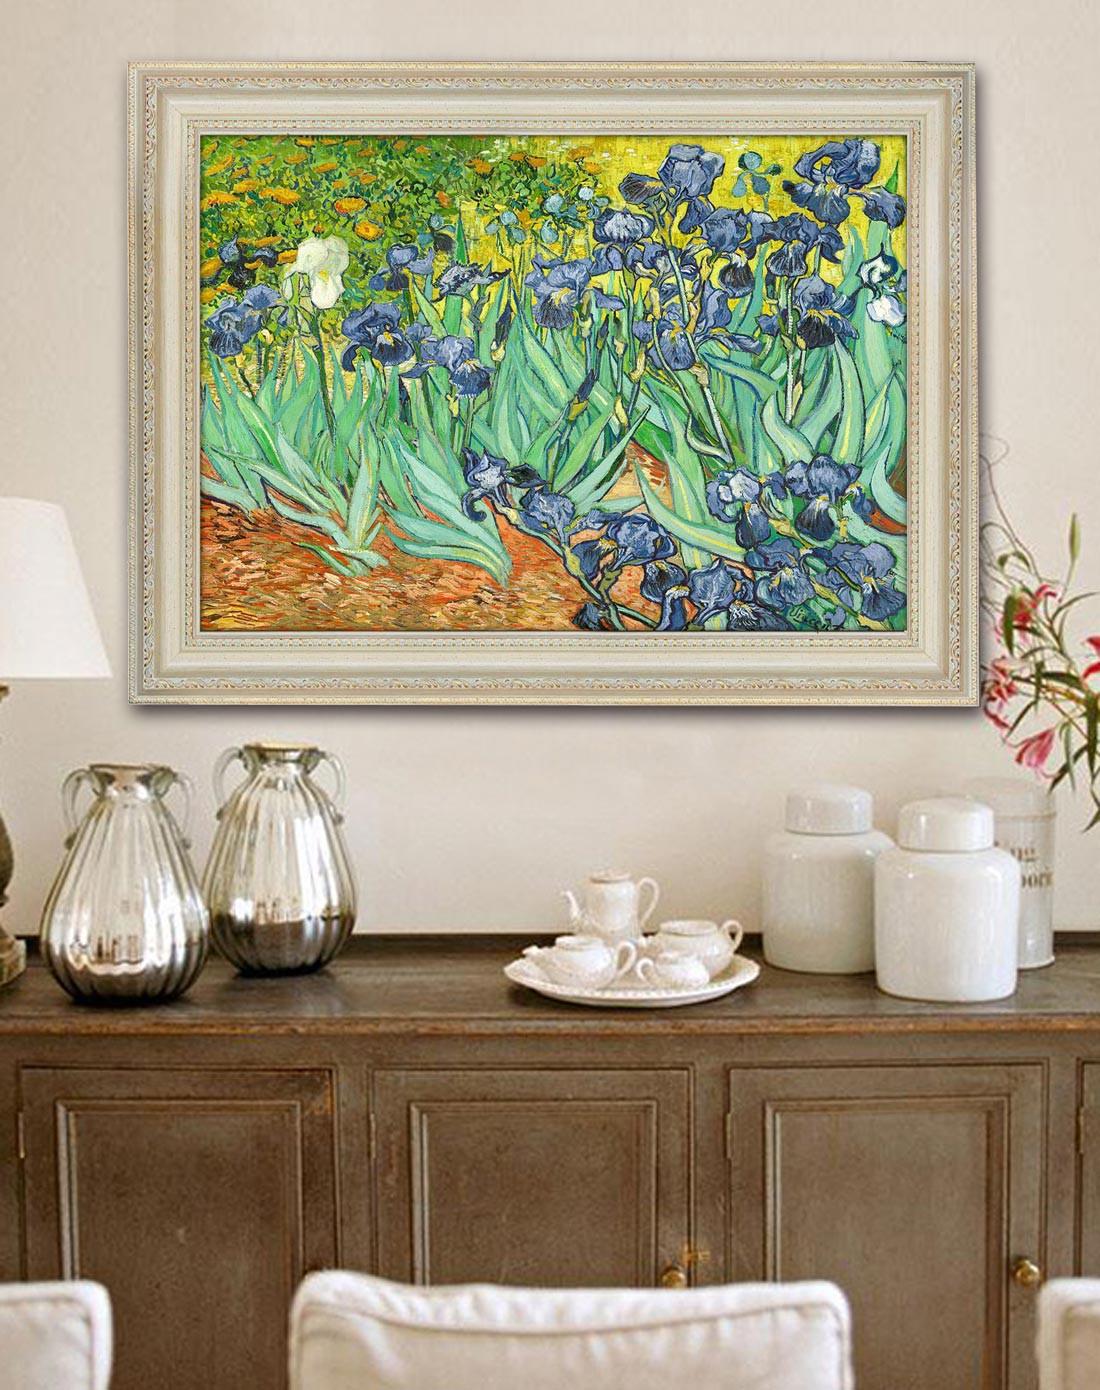 柠檬树家居装饰专场奢华装饰画世界名画 梵高鸢尾花